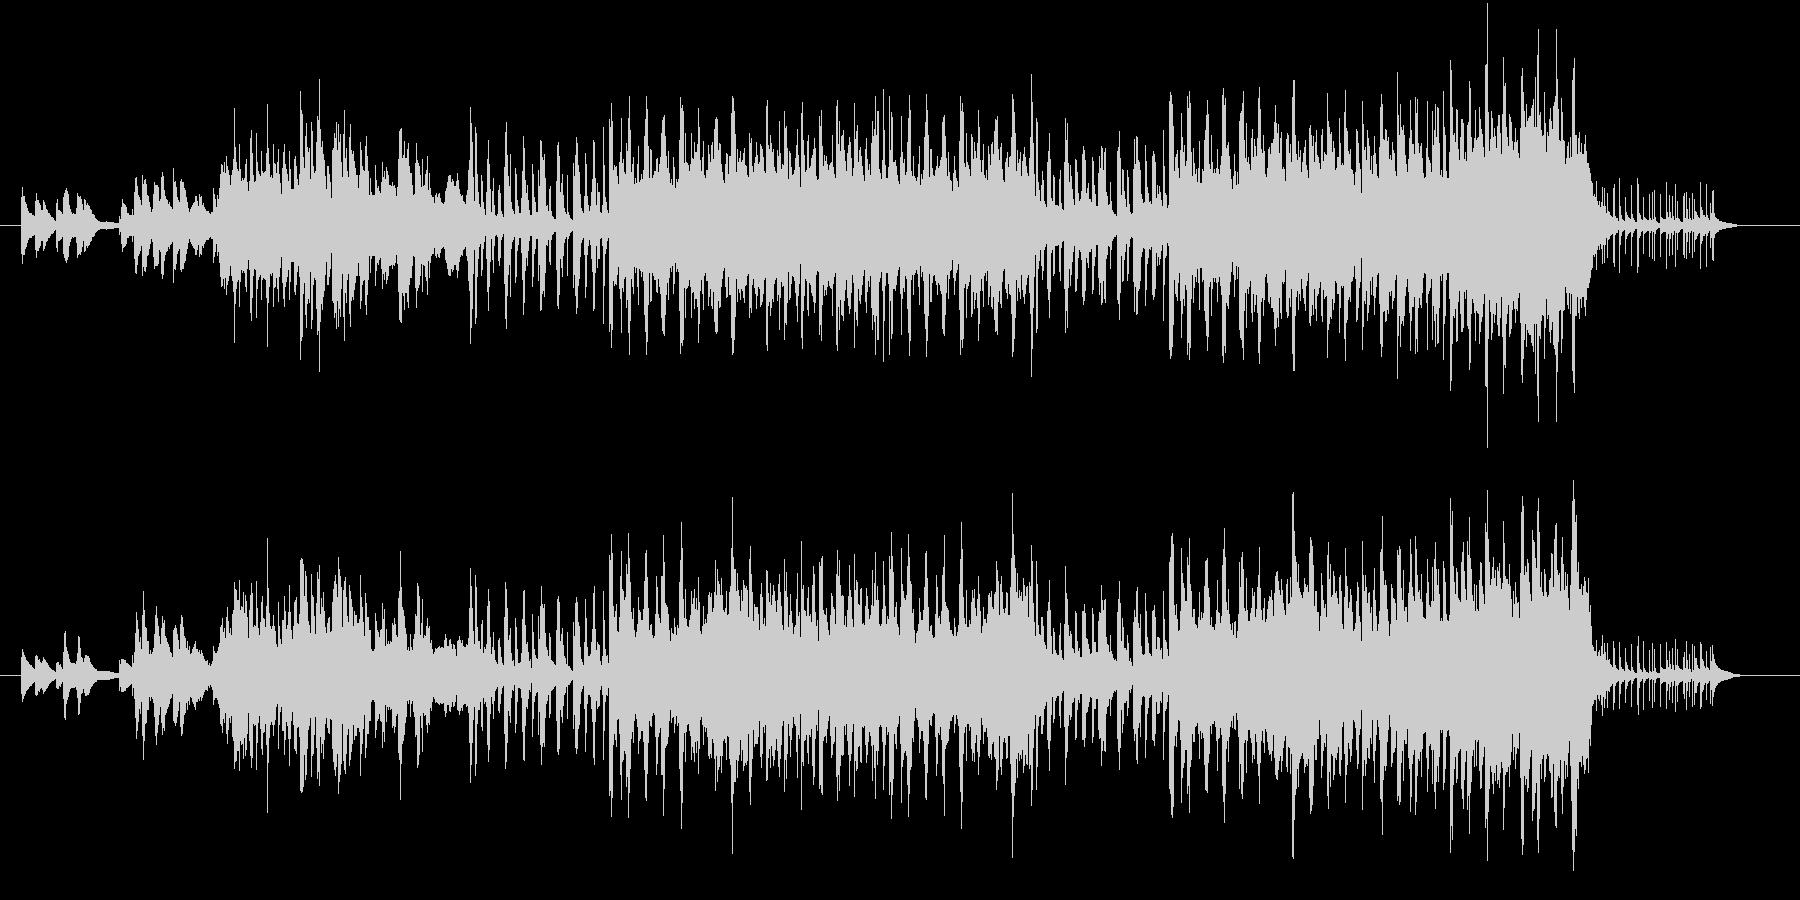 明るく変化のあるポップスサウンドの未再生の波形